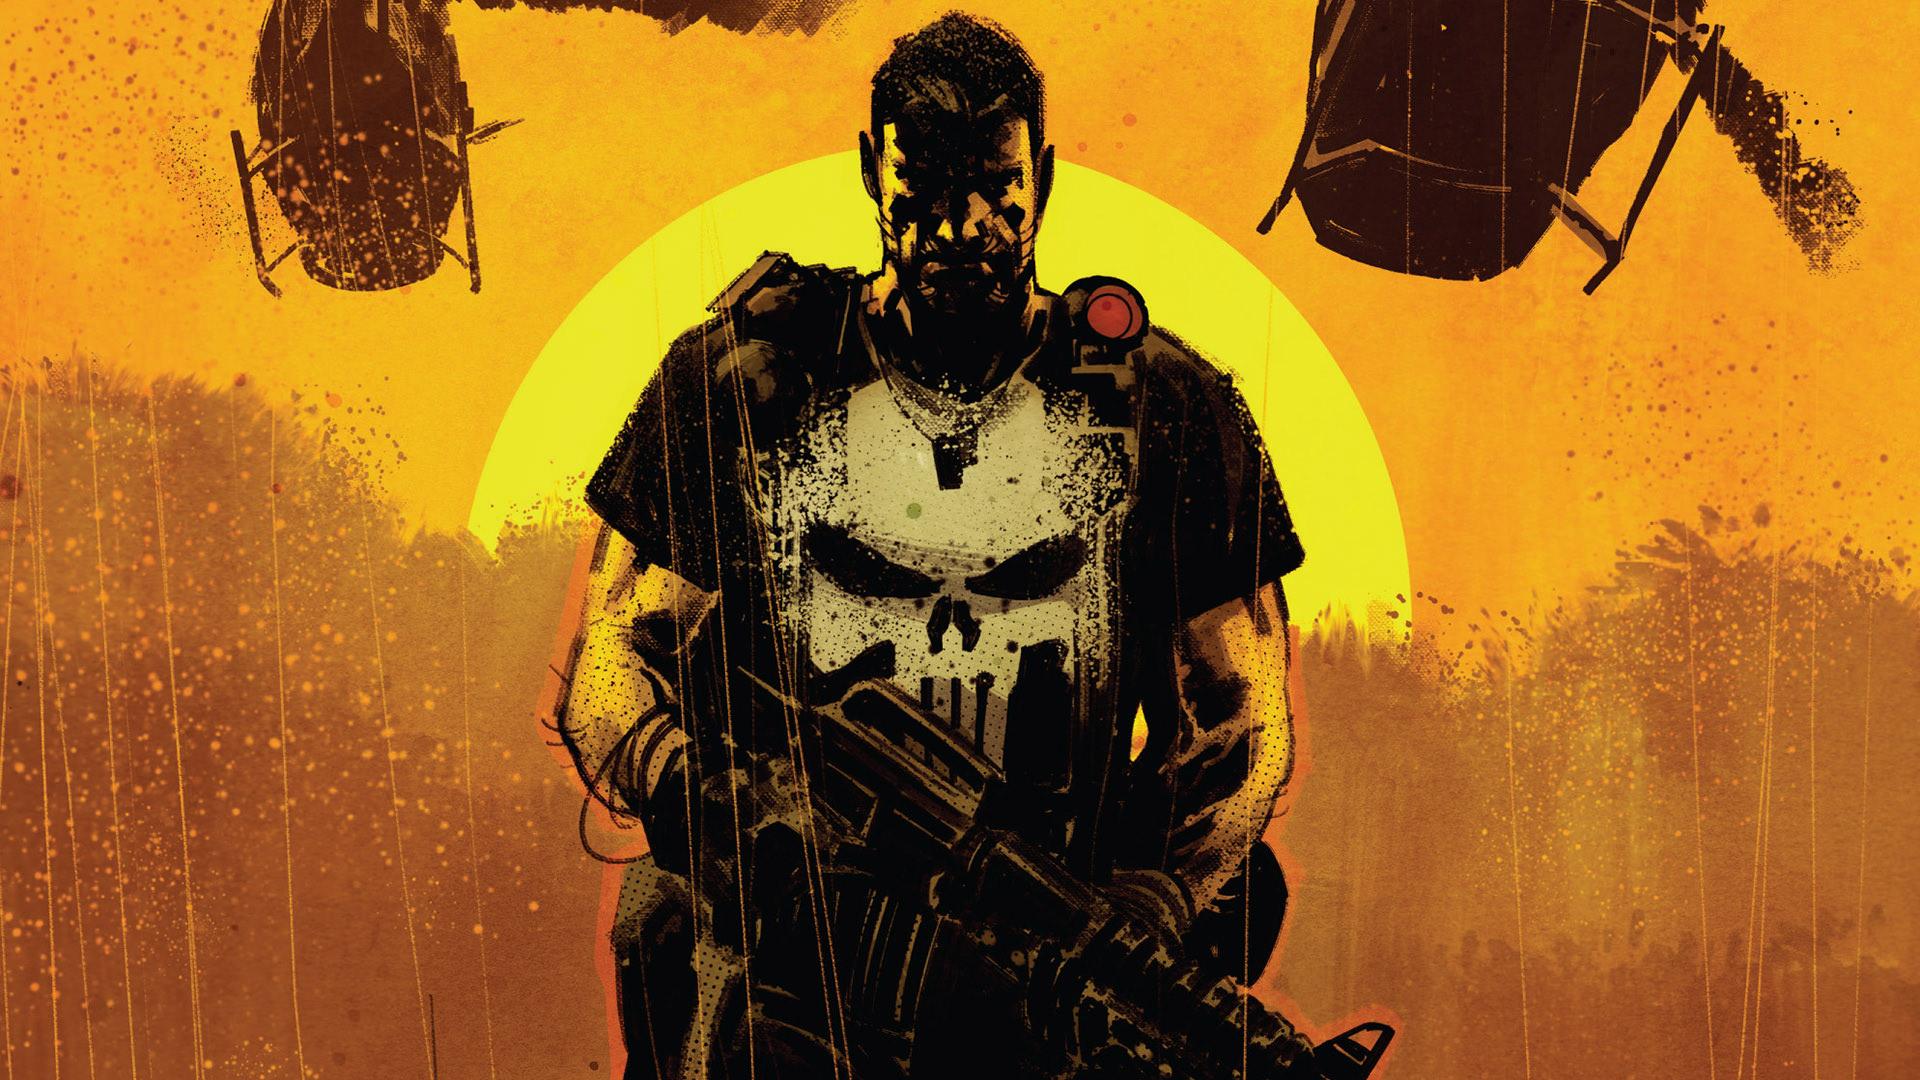 Wallpaper Punisher, superhero, comics